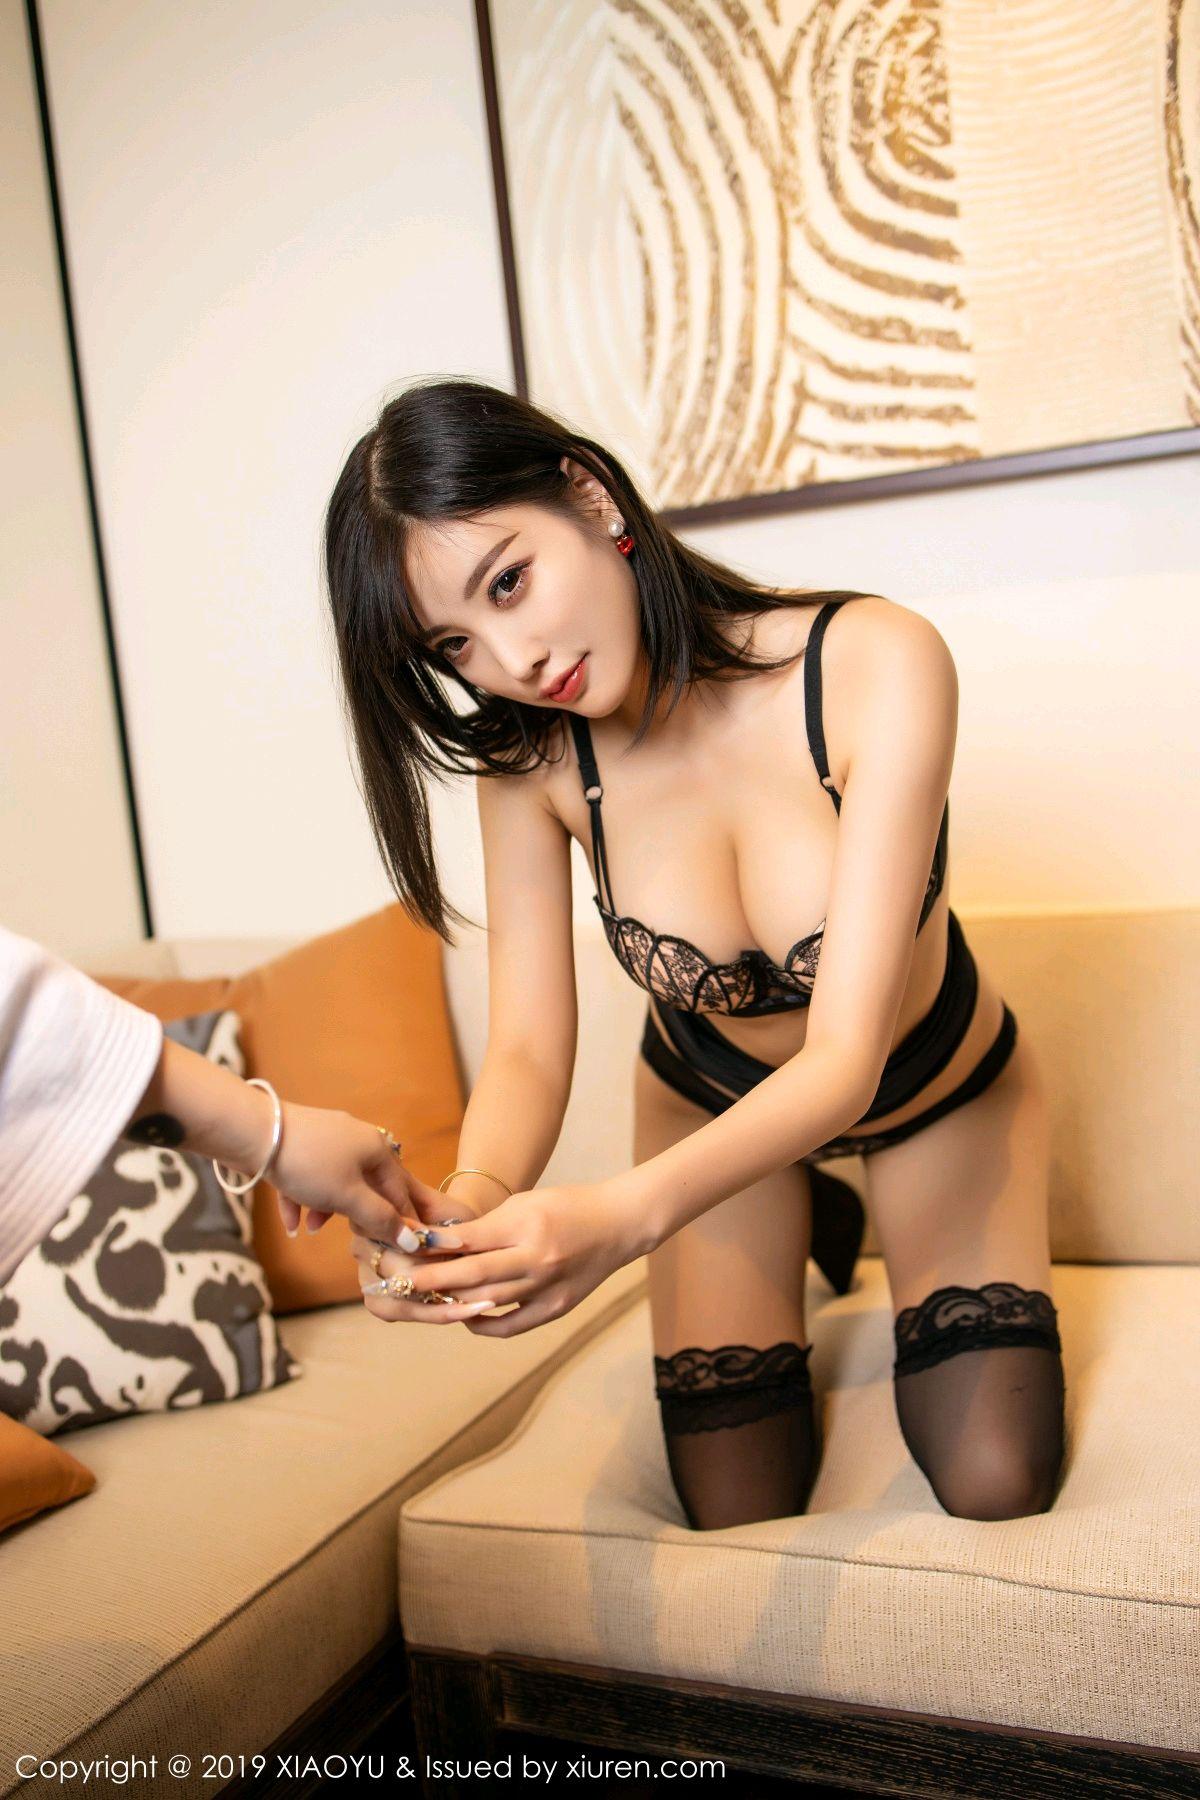 [XiaoYu] Vol.214 Yang Chen Chen 51P, Black Silk, Temperament, XiaoYu, Yang Chen Chen